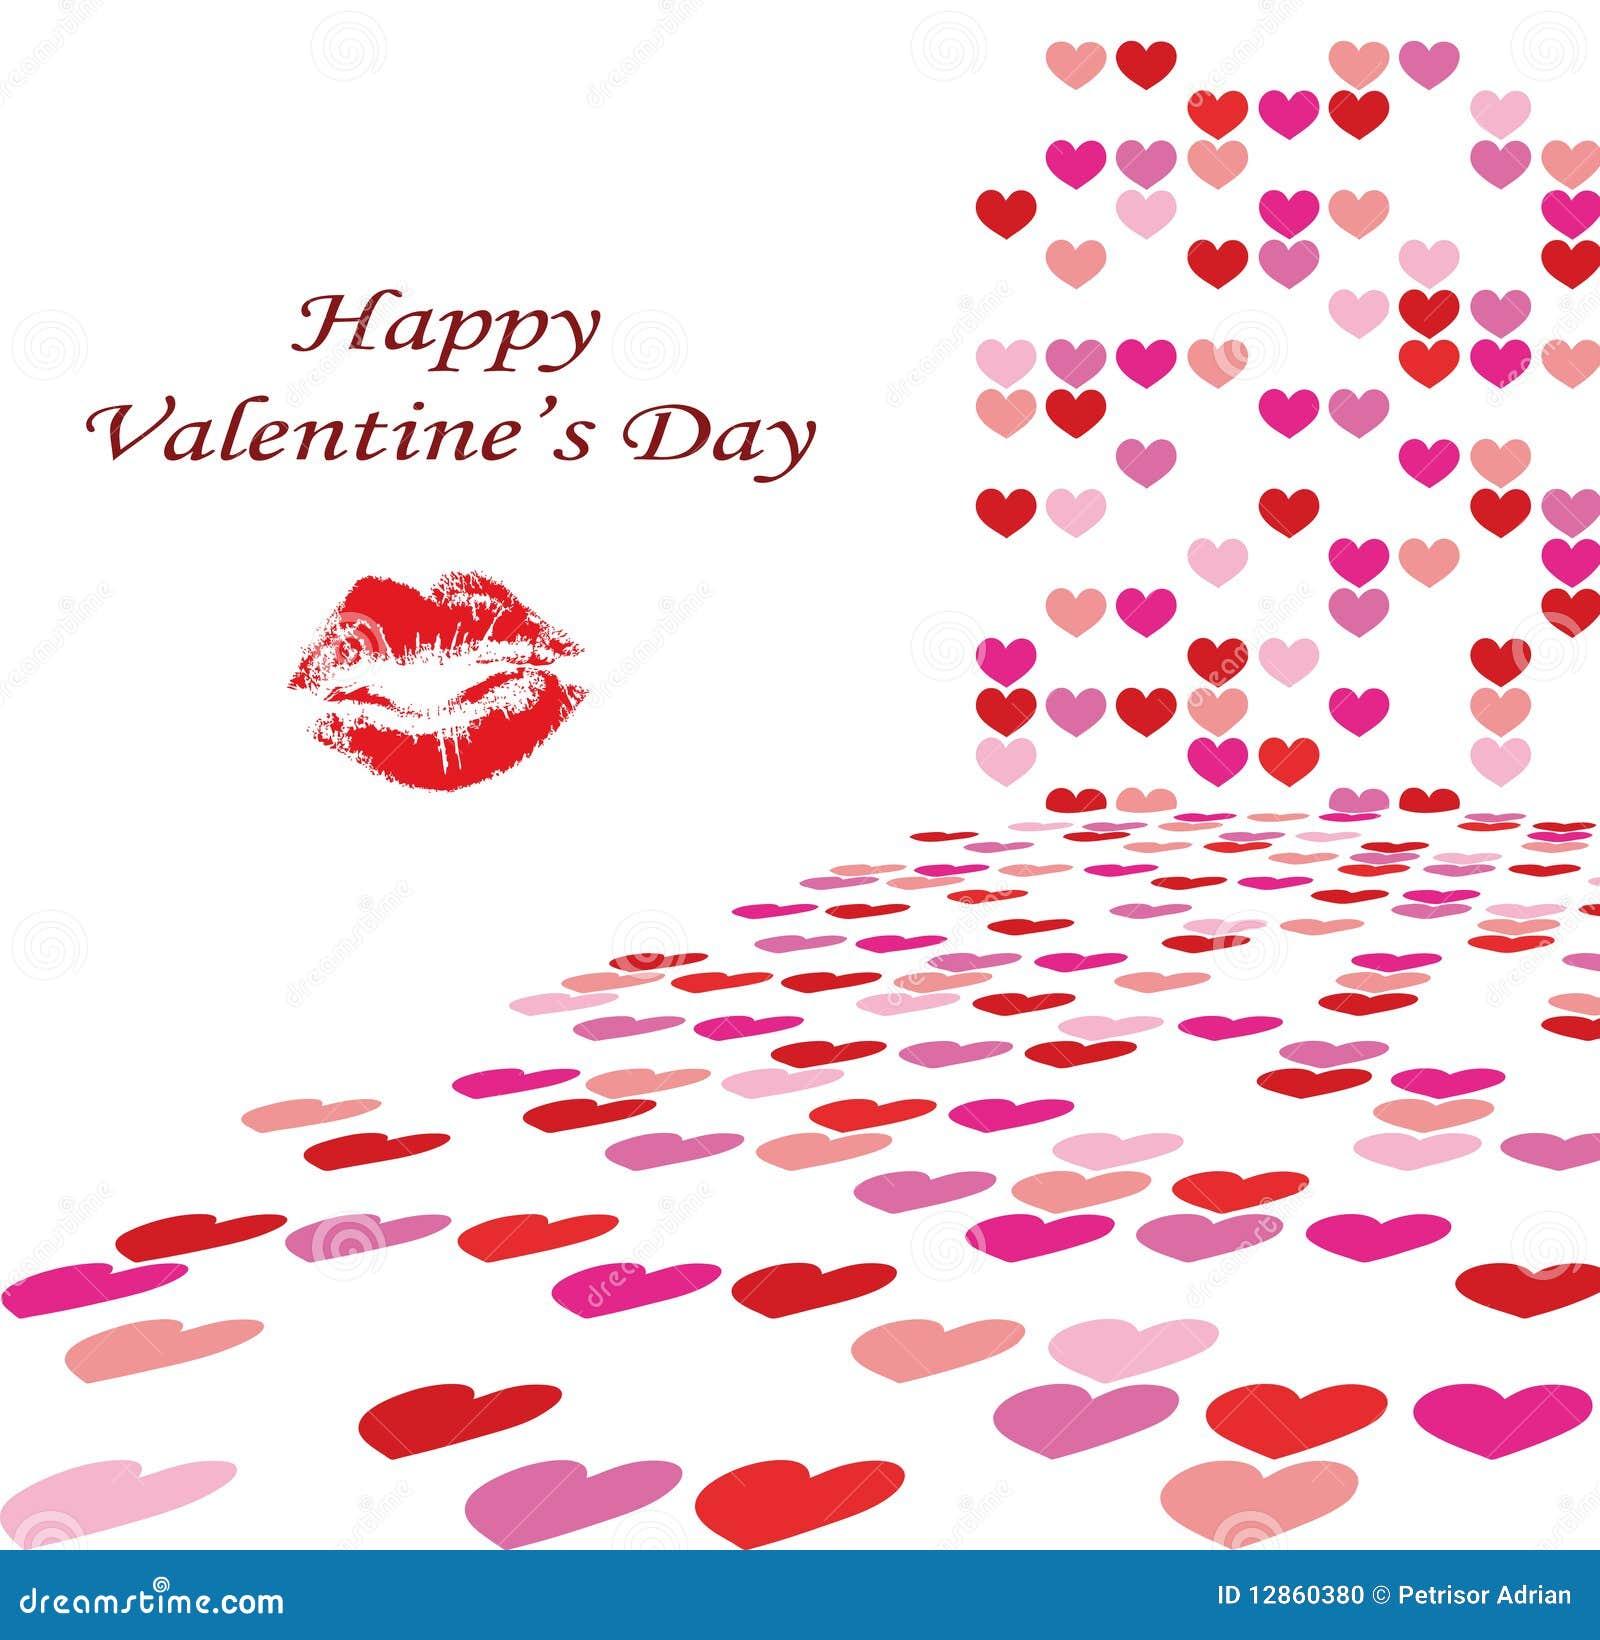 Ilustração do fundo do dia do Valentim